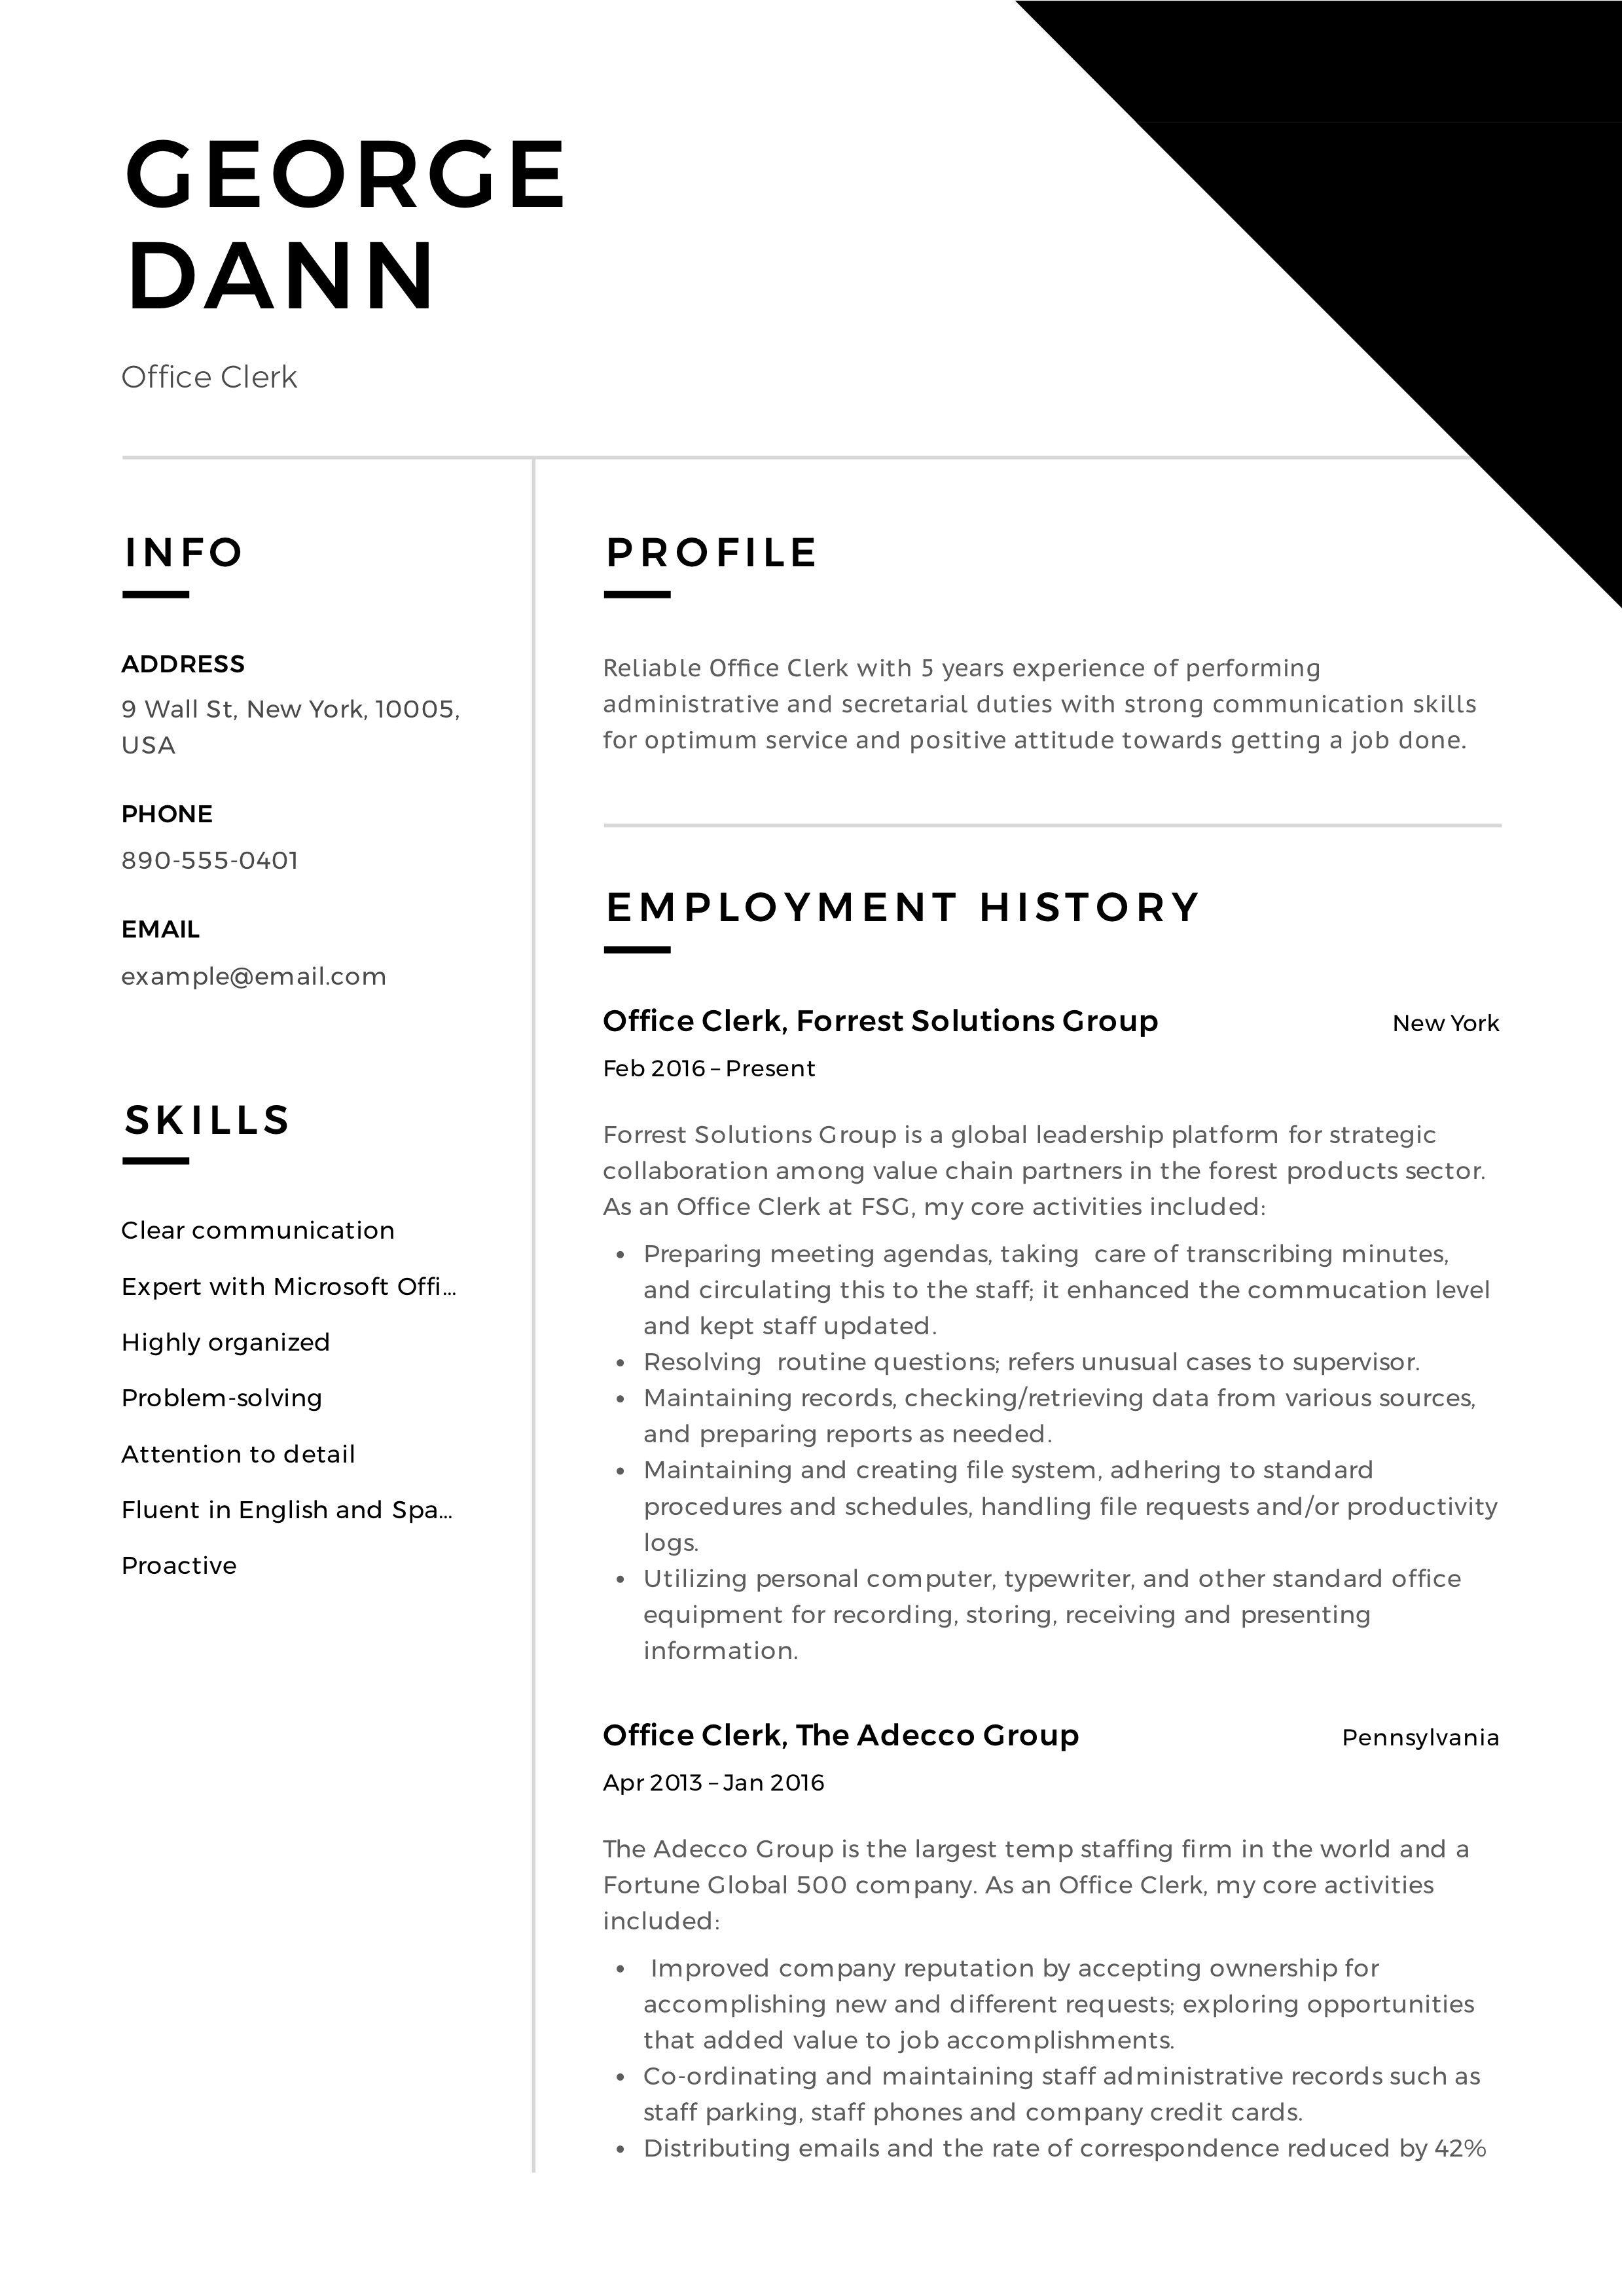 Office Clerk Resume Resume Examples Job Resume Examples Basic Resume Examples